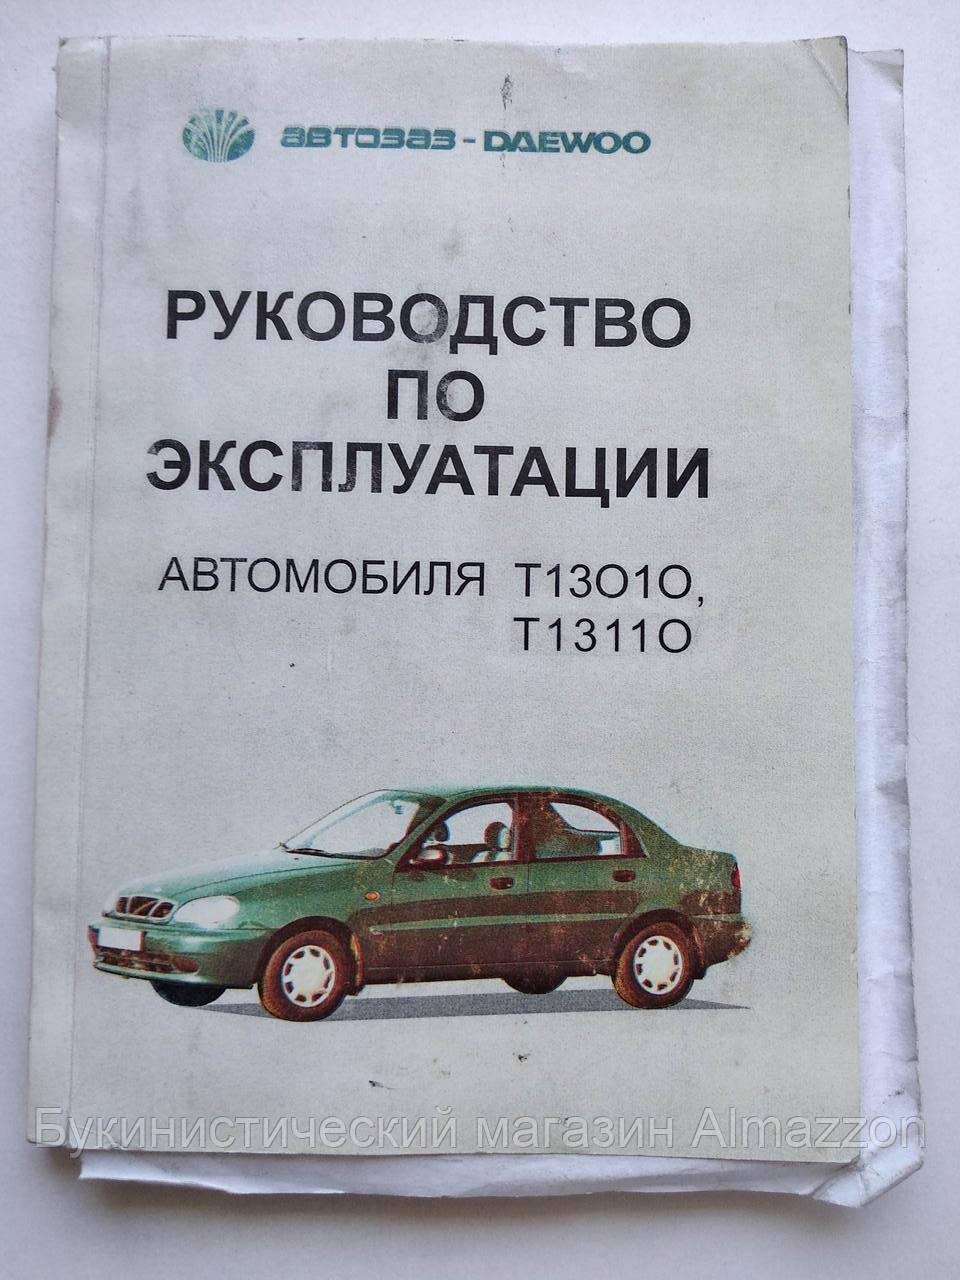 АвтоЗАЗ-Дэу Руководство по эксплуатации автомобилей Т13010, Т13110